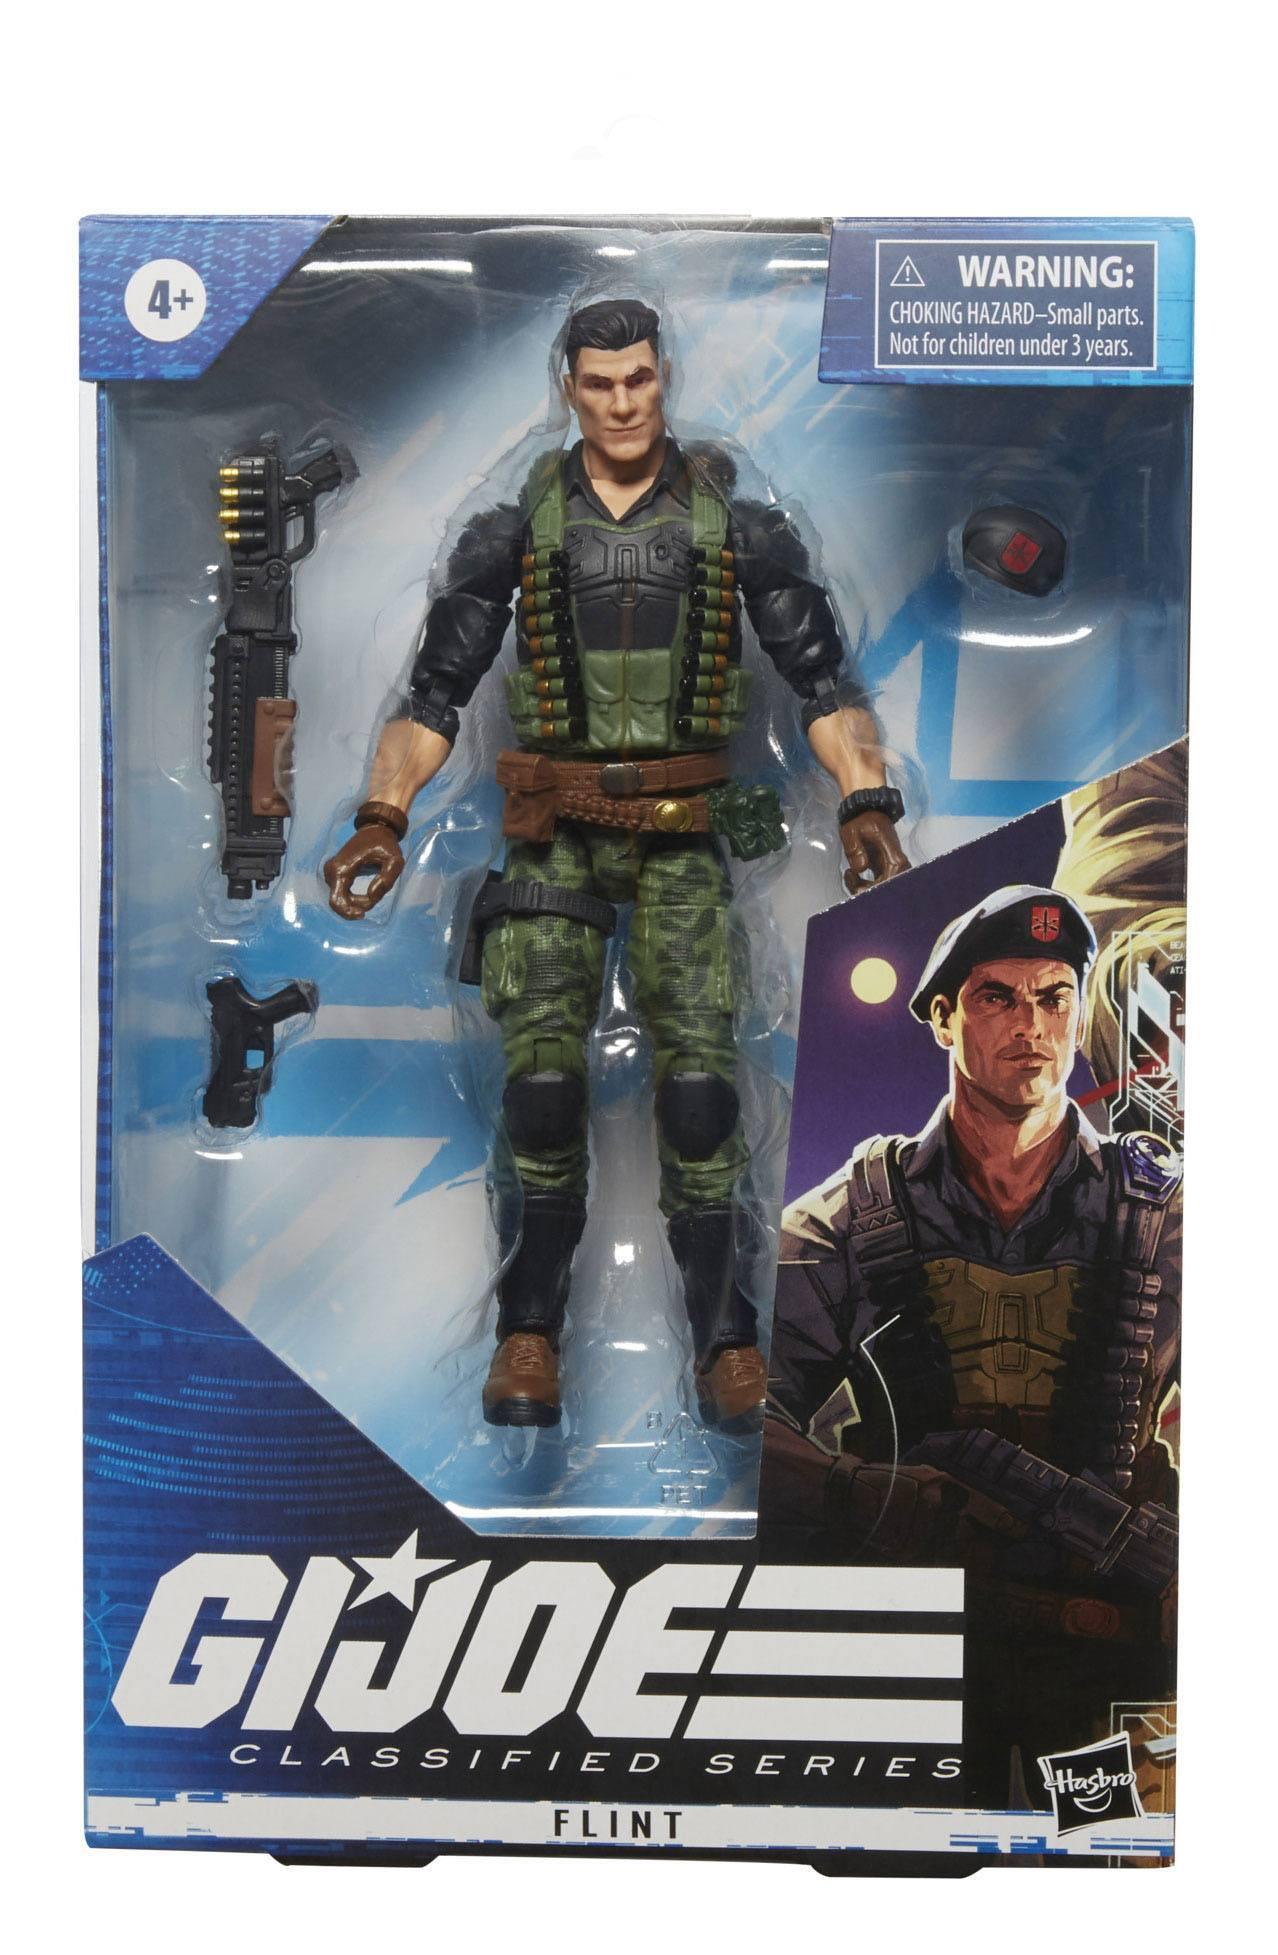 G.I. Joe Classified Series FIGURE FLINT 15cm F09665X00 5010993790395